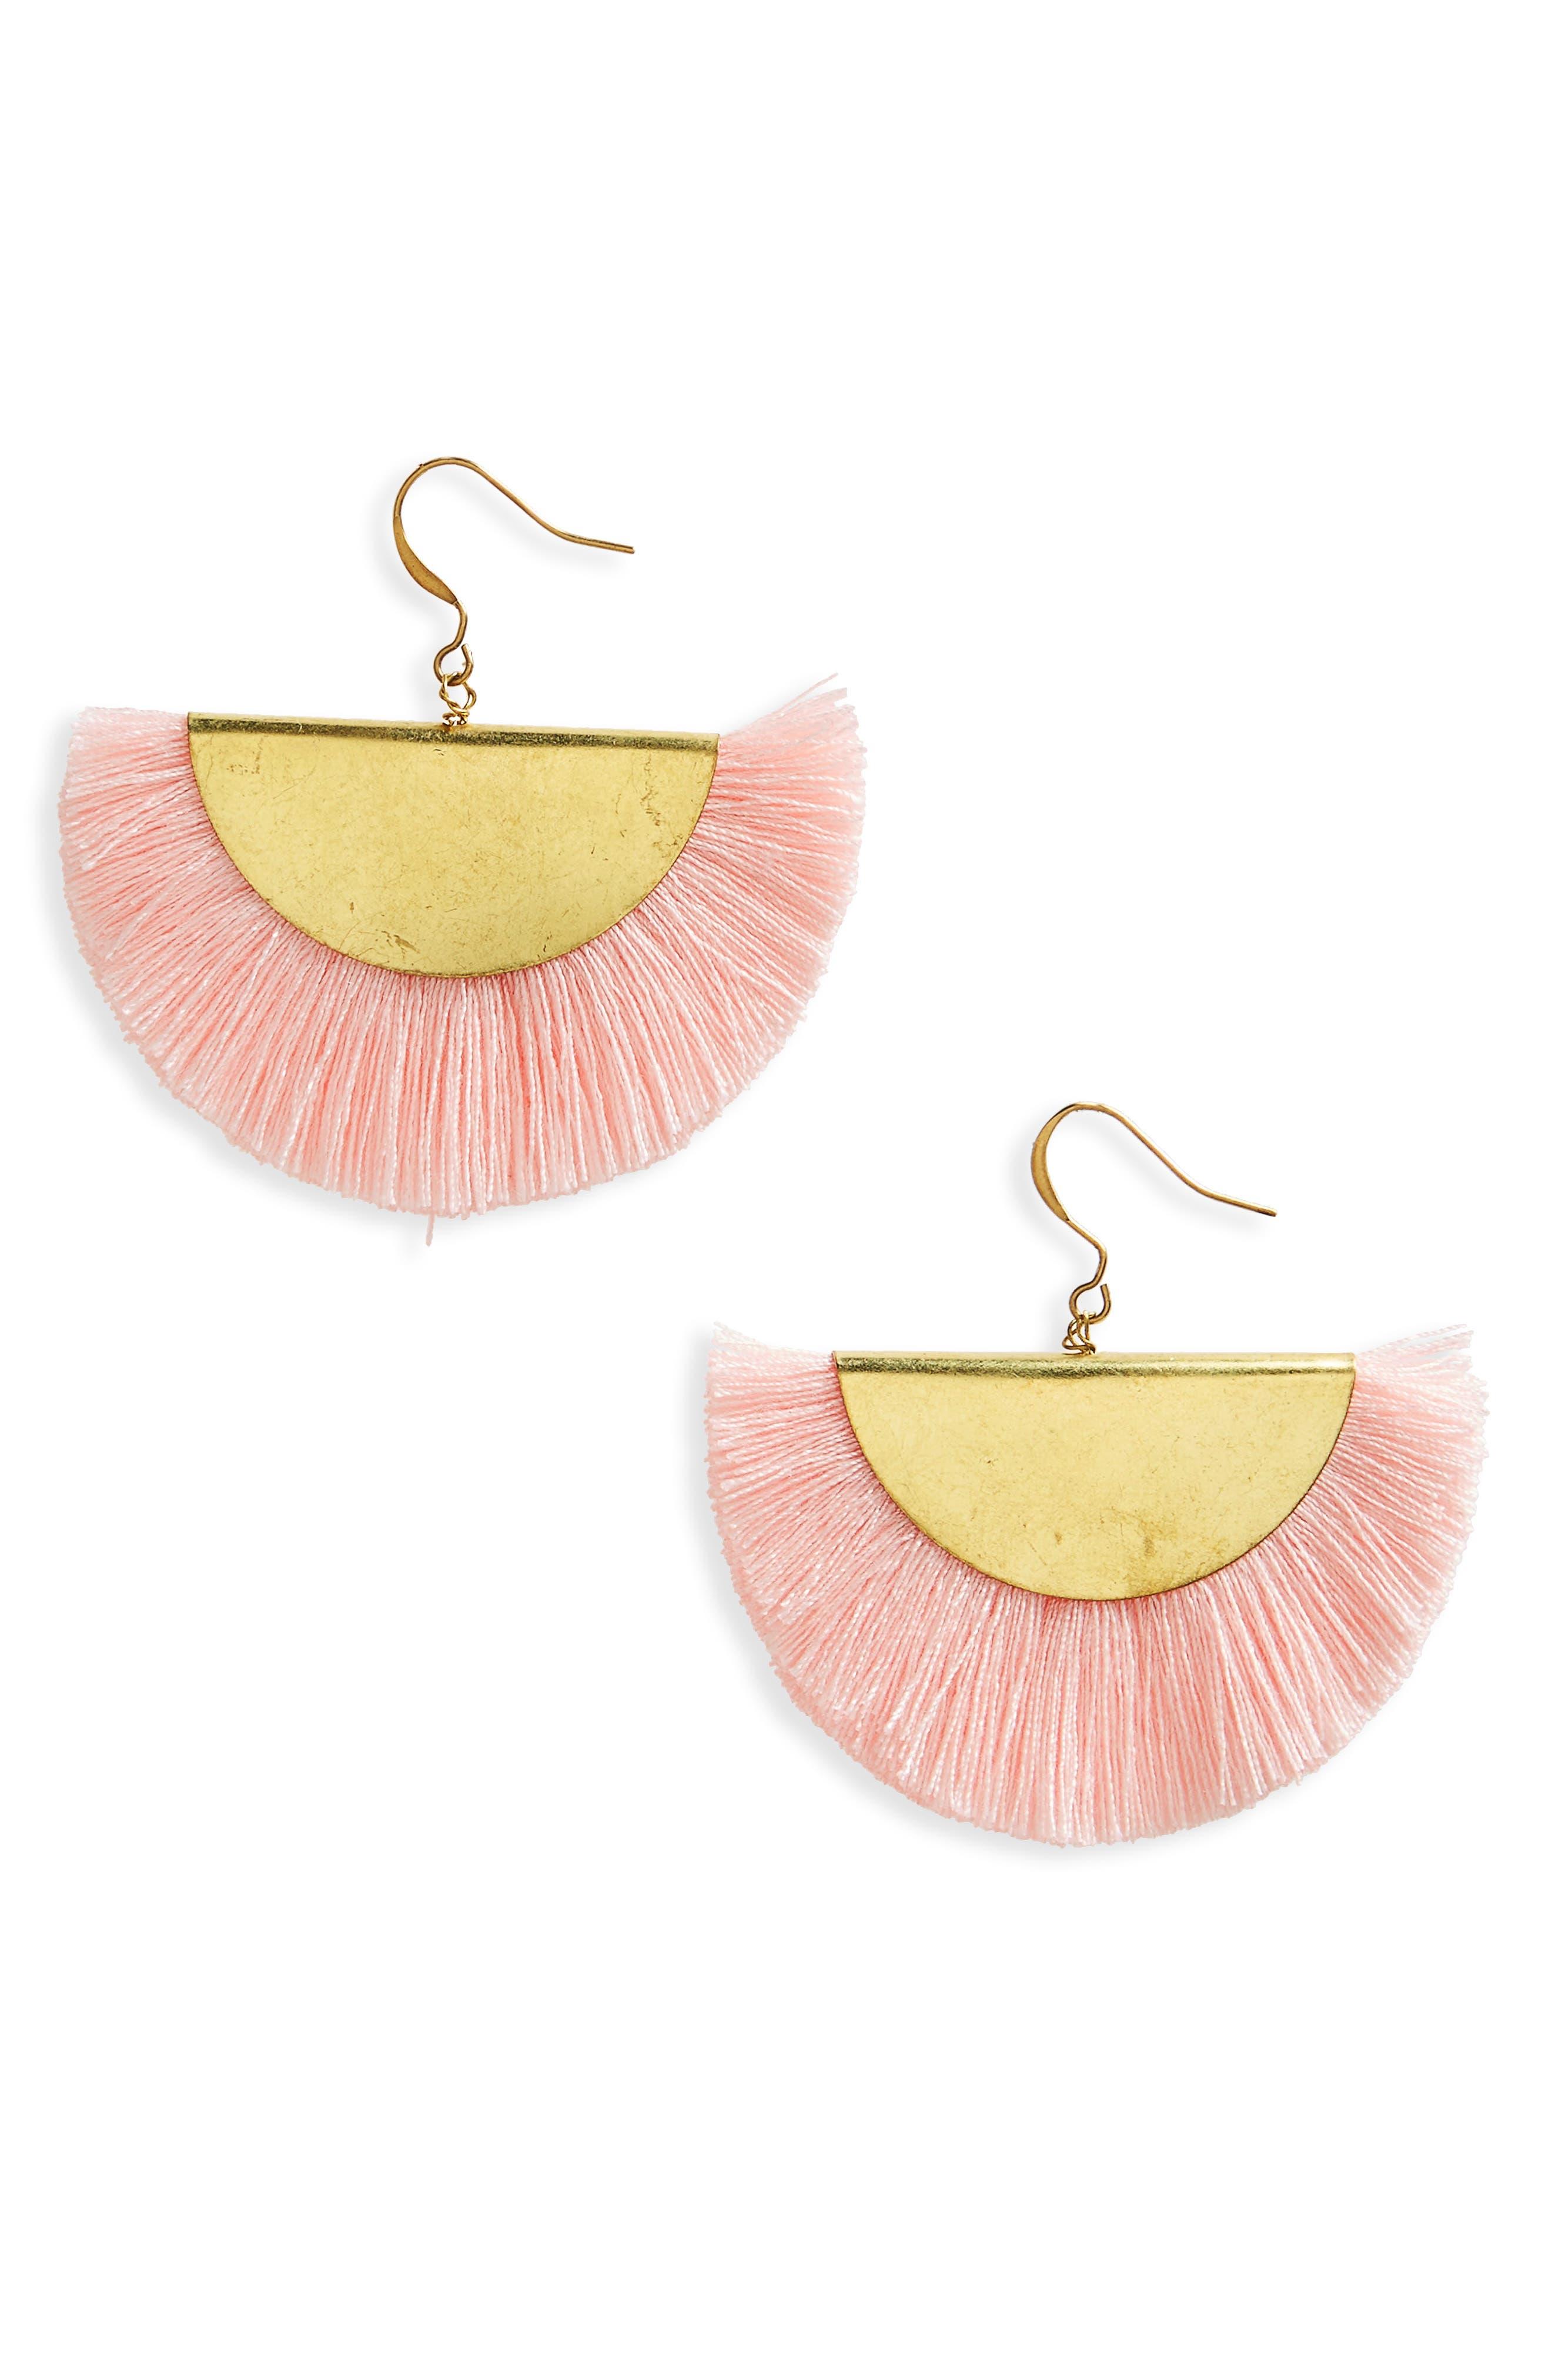 Main Image - Panacea Fan Earrings